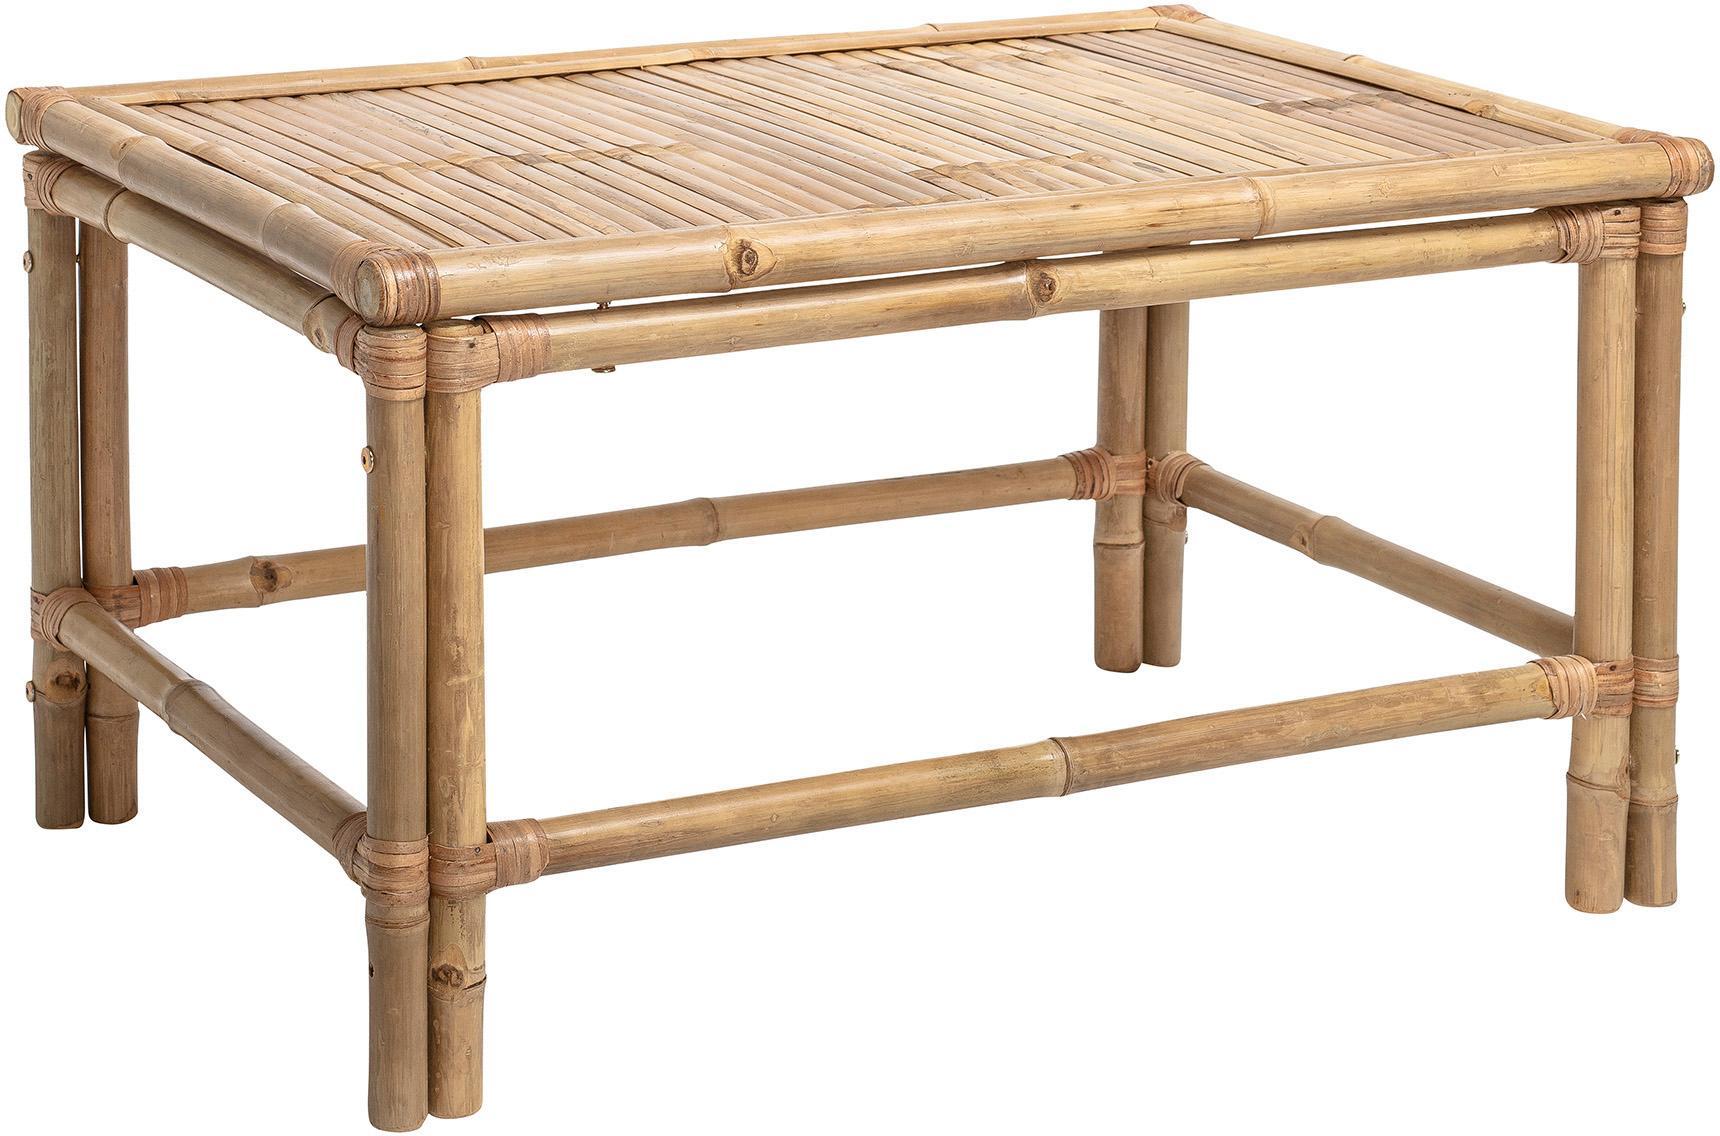 Mesa de centro de bambú Sole, Bambú, Beige, An 90 x F 60 cm